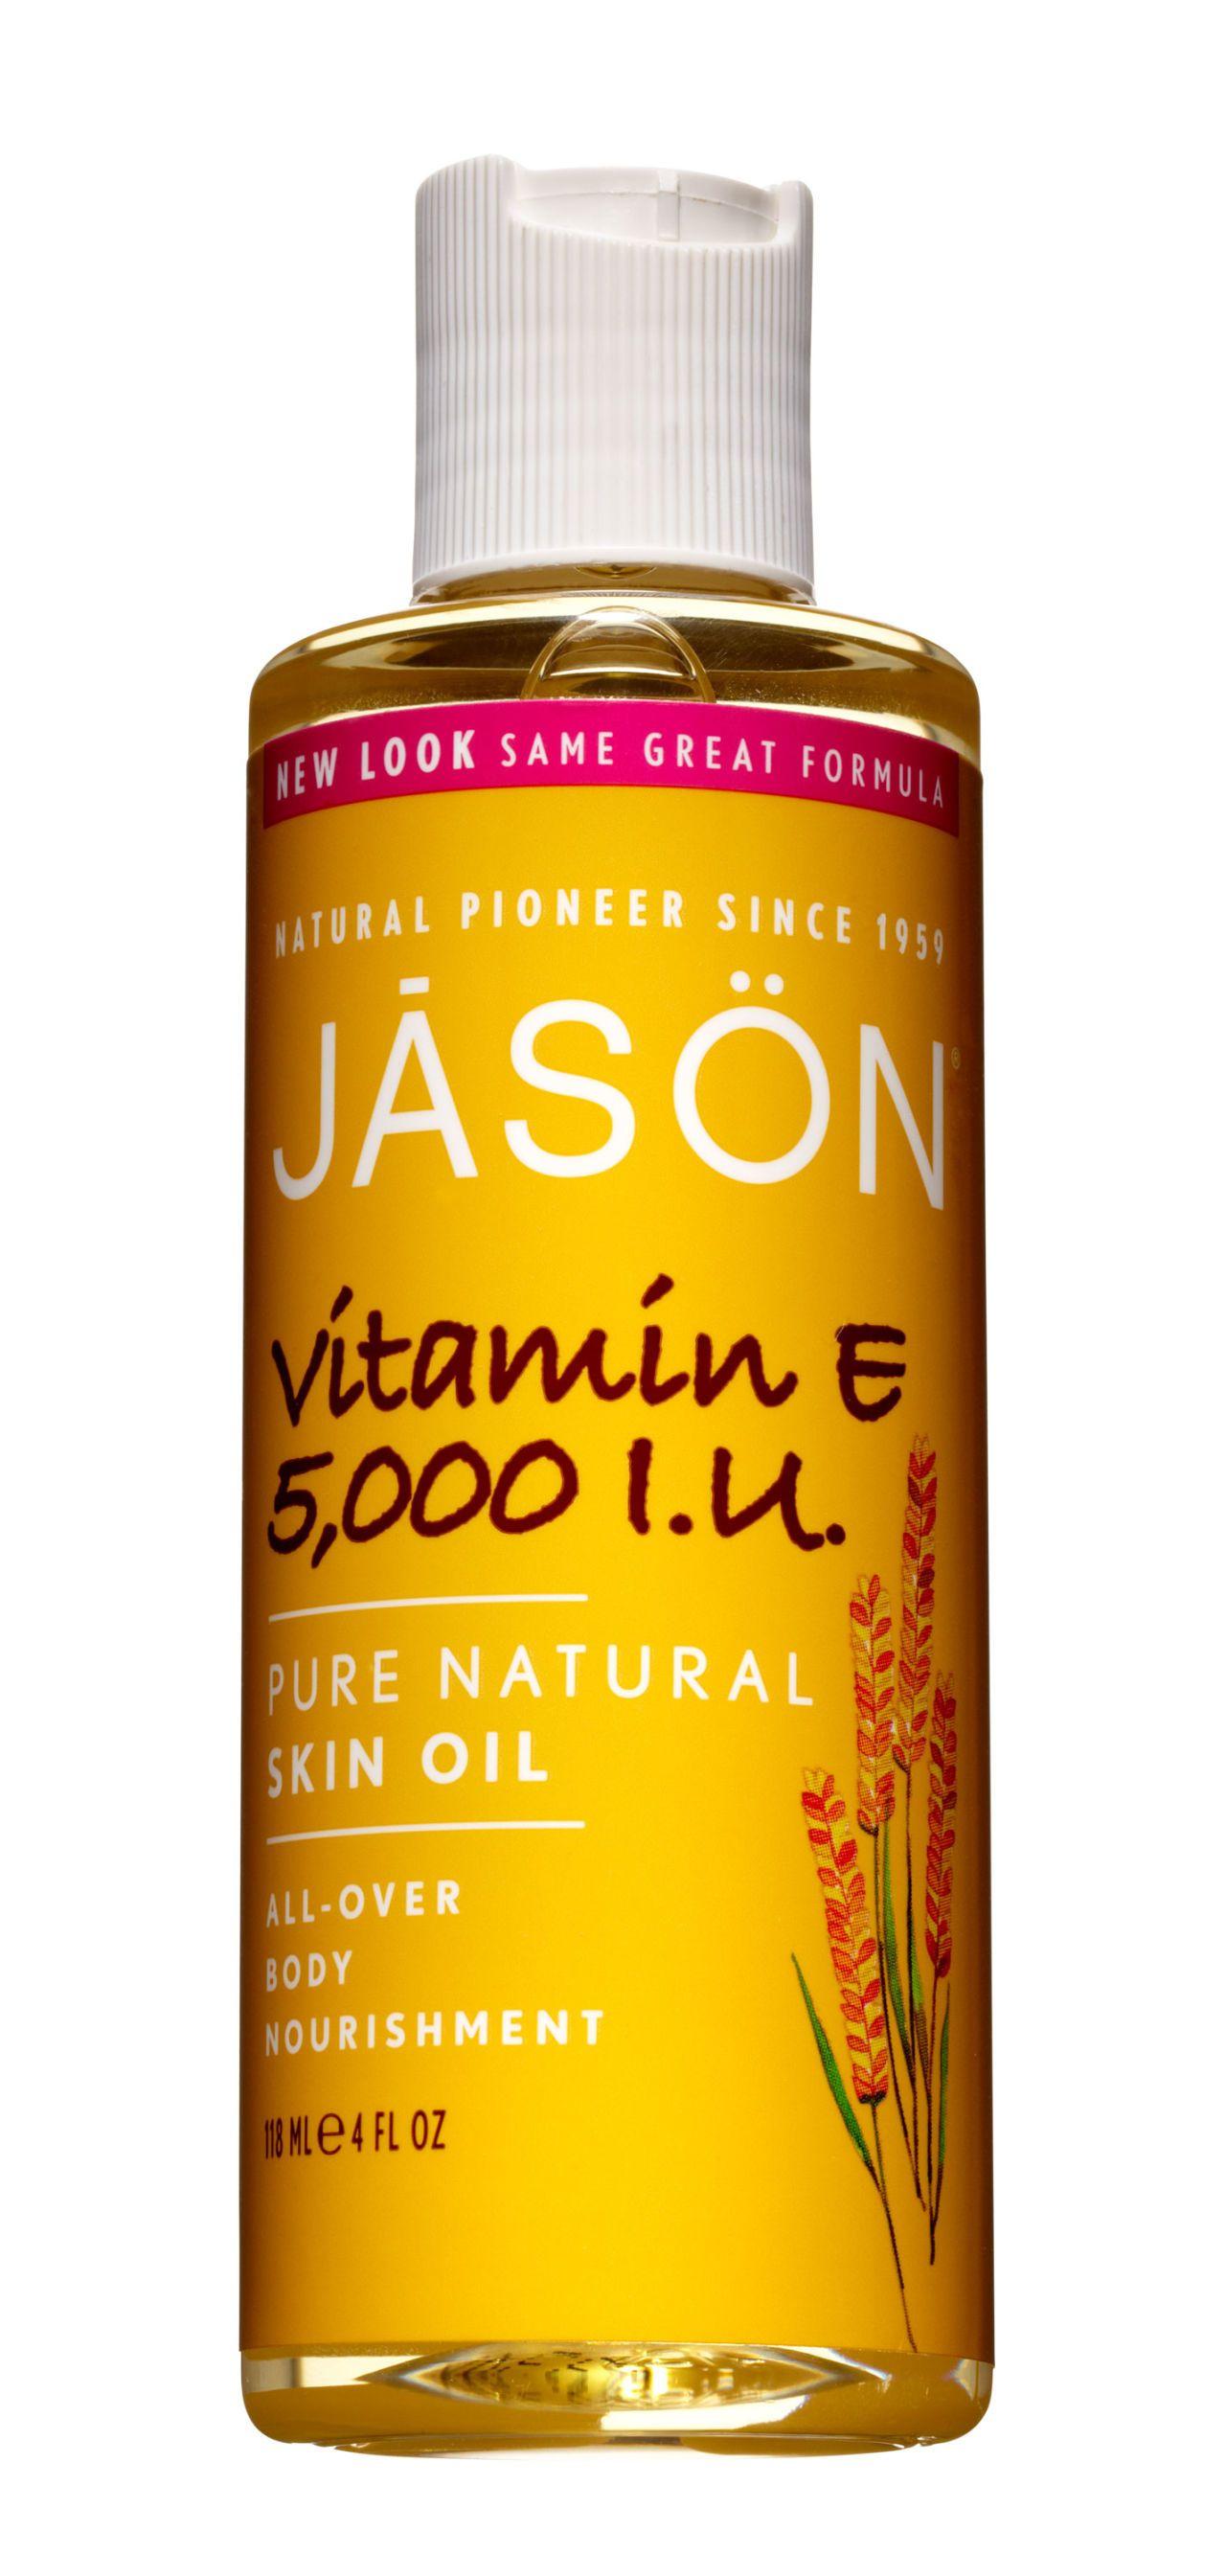 jason vitamin natural skin oil